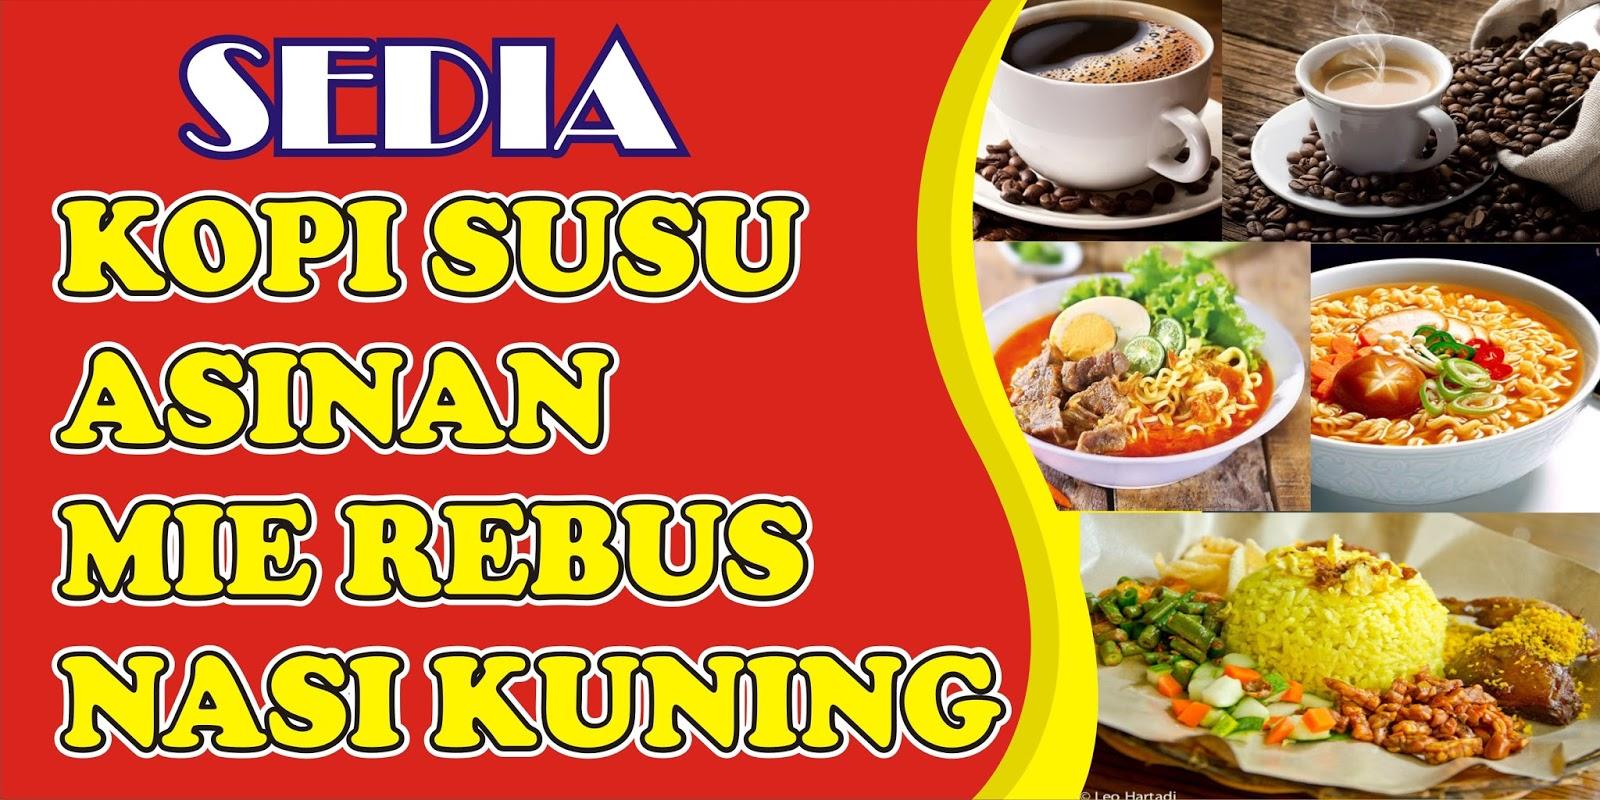 Download Contoh Spanduk Warung Kopi.cdr - KARYAKU